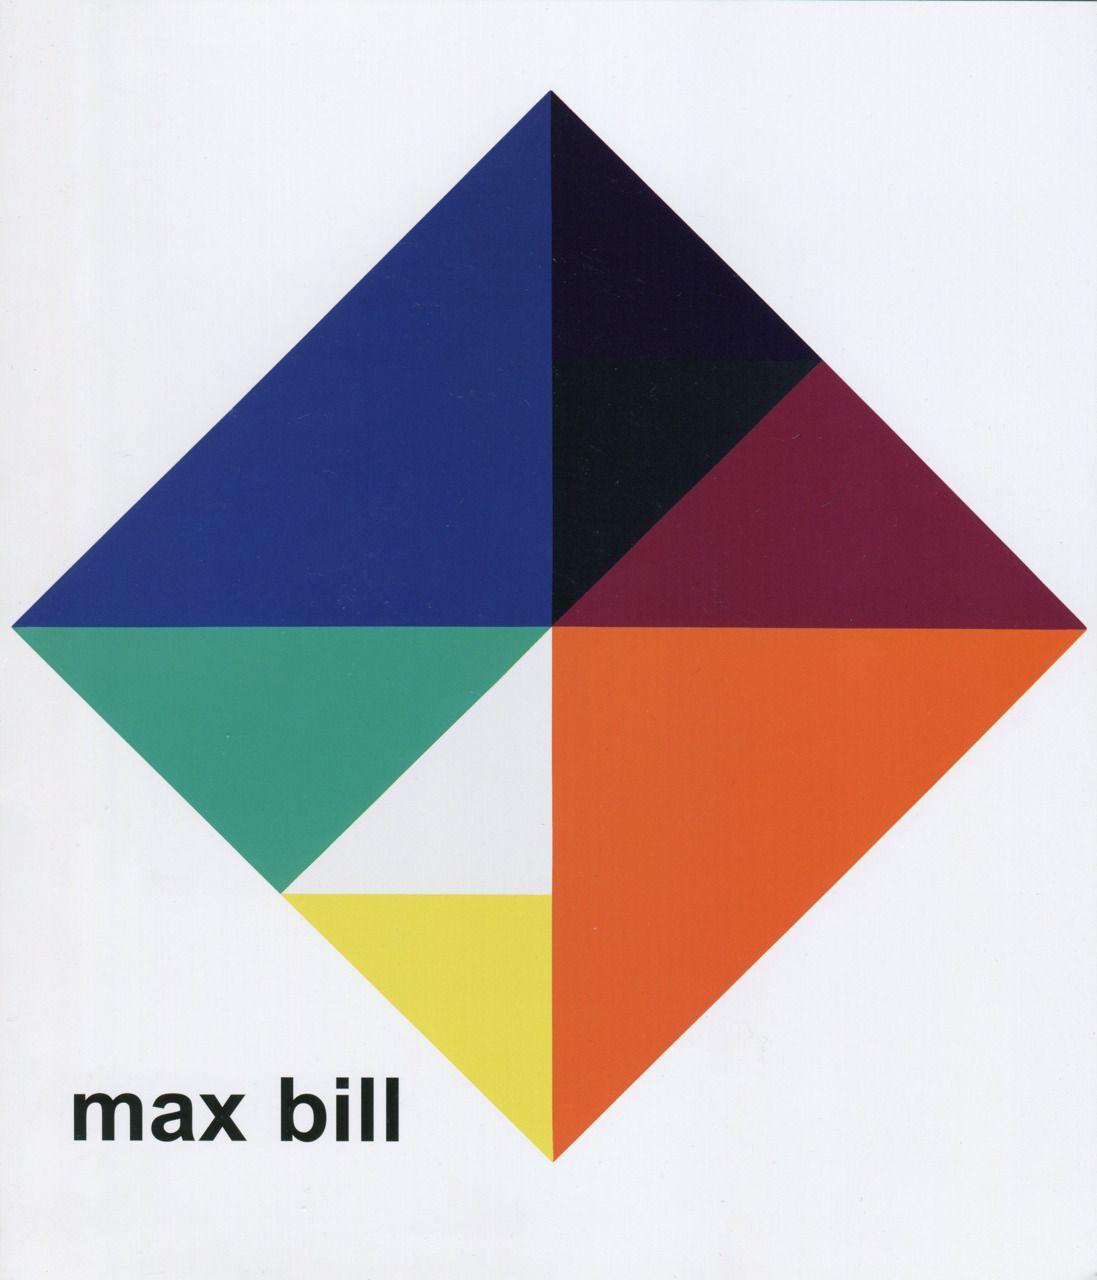 Max Bill #geometry #graphics #maxbill